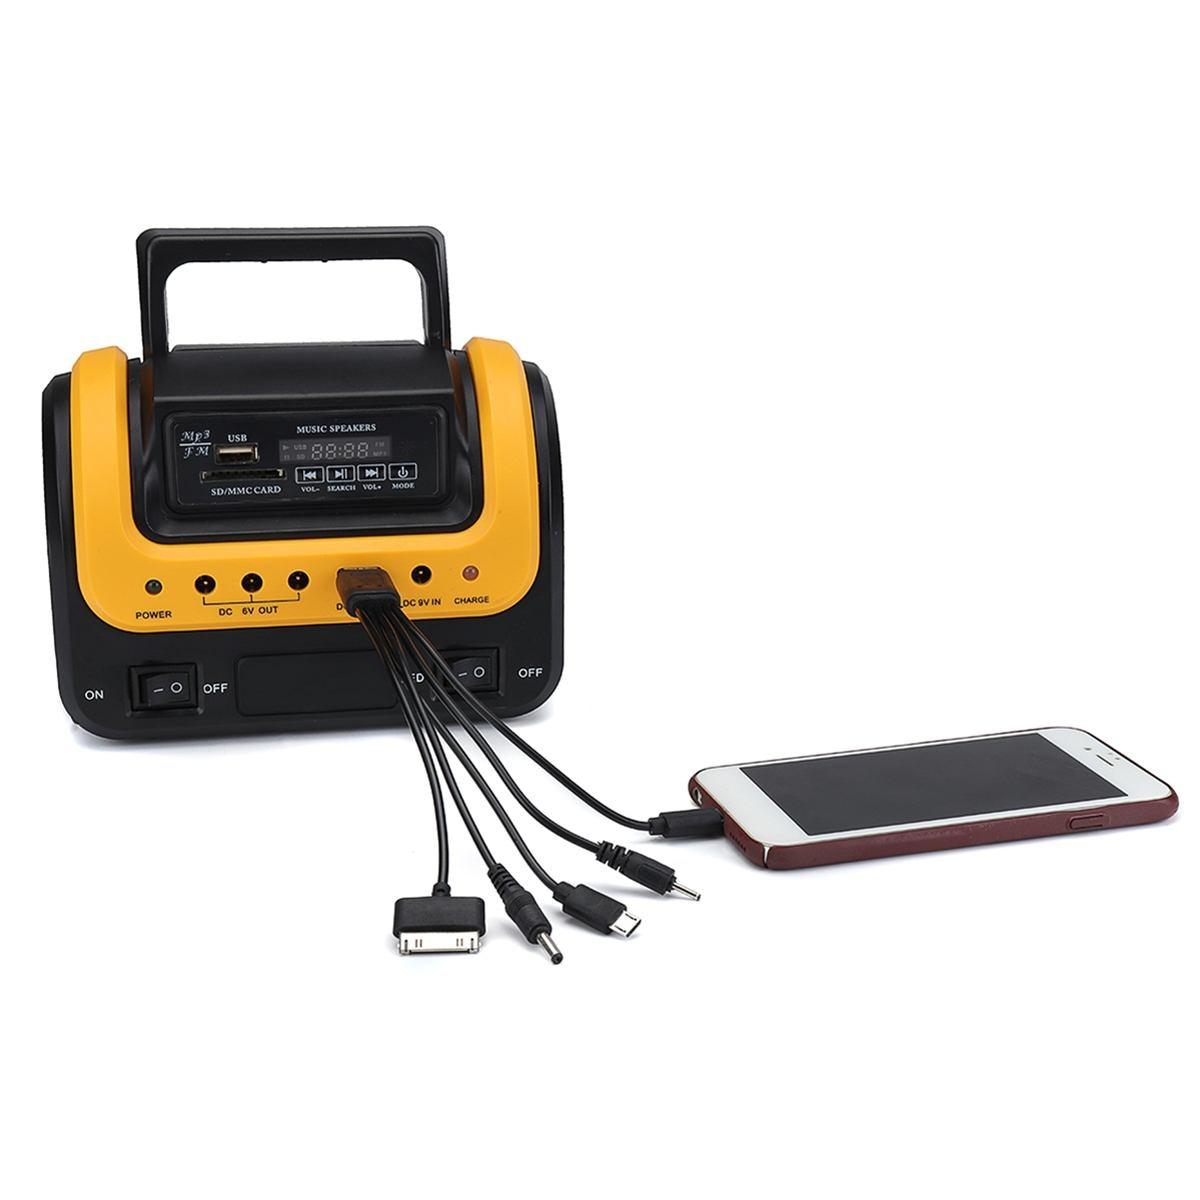 Tragbare Solar Panel Power Generator LED Beleuchtung System Kit MP3 Taschenlampe USB Ladegerät 3 Led-lampen Im Freien Notfall Power